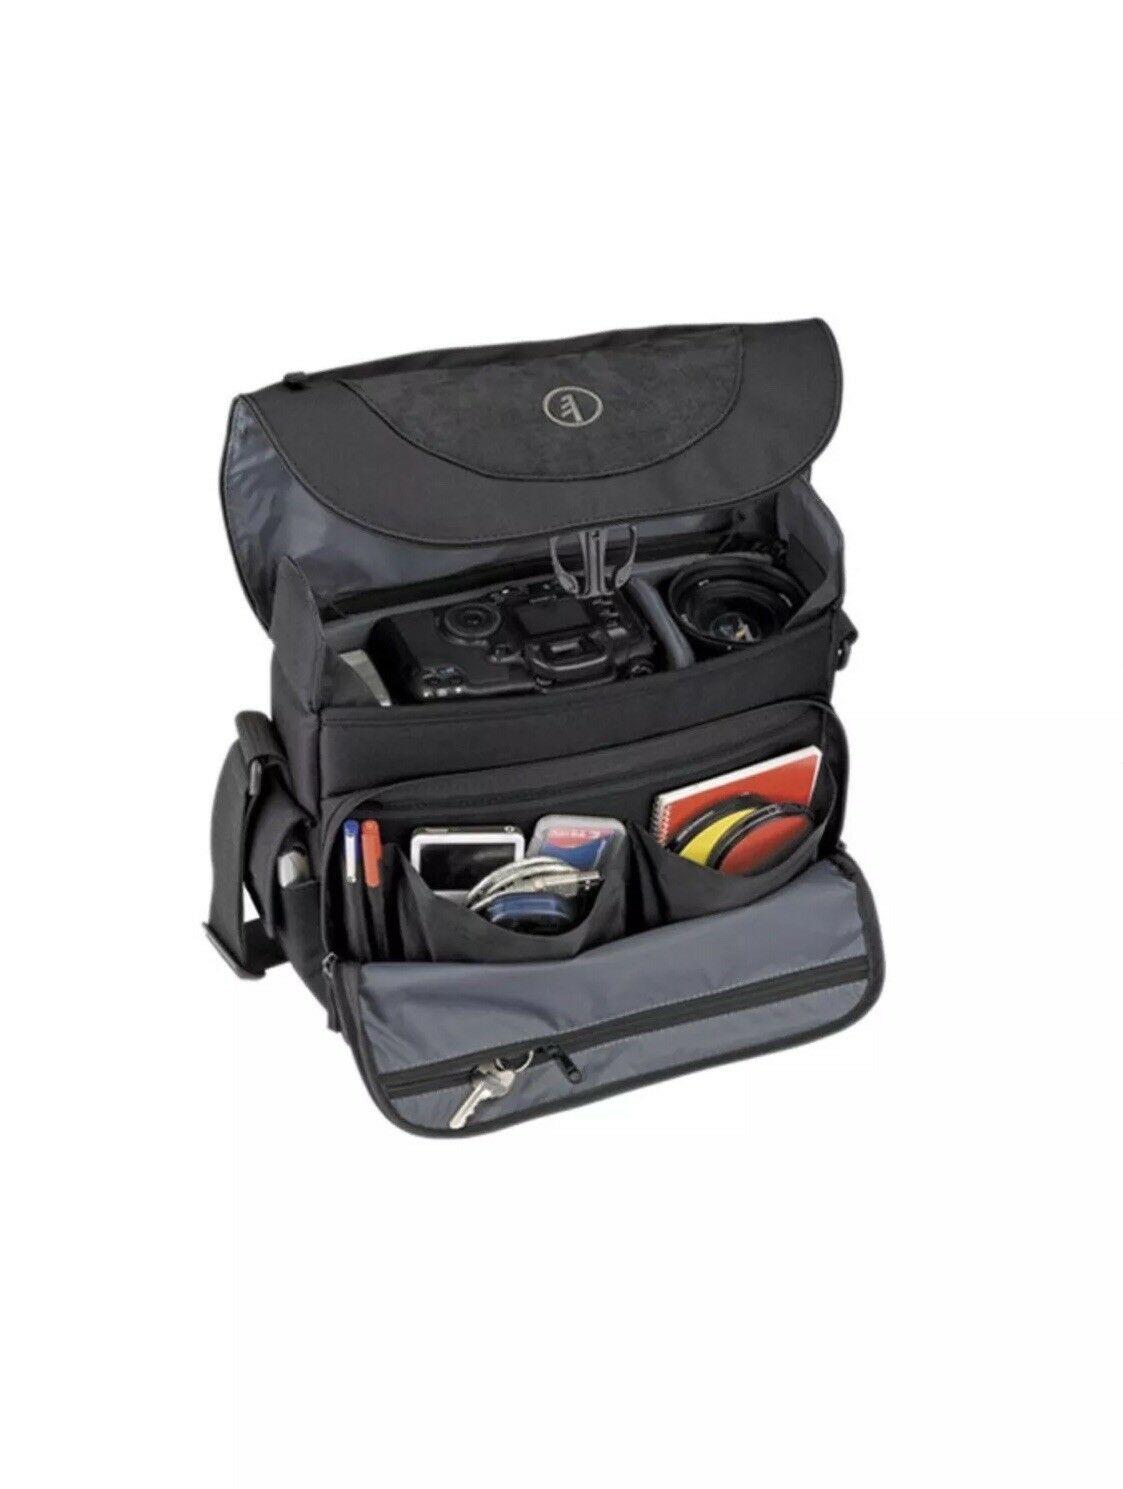 Tamrac Camera Black Shoulder Bag Fits DSLR or  SLR, Lenses Flash Accessories NEW